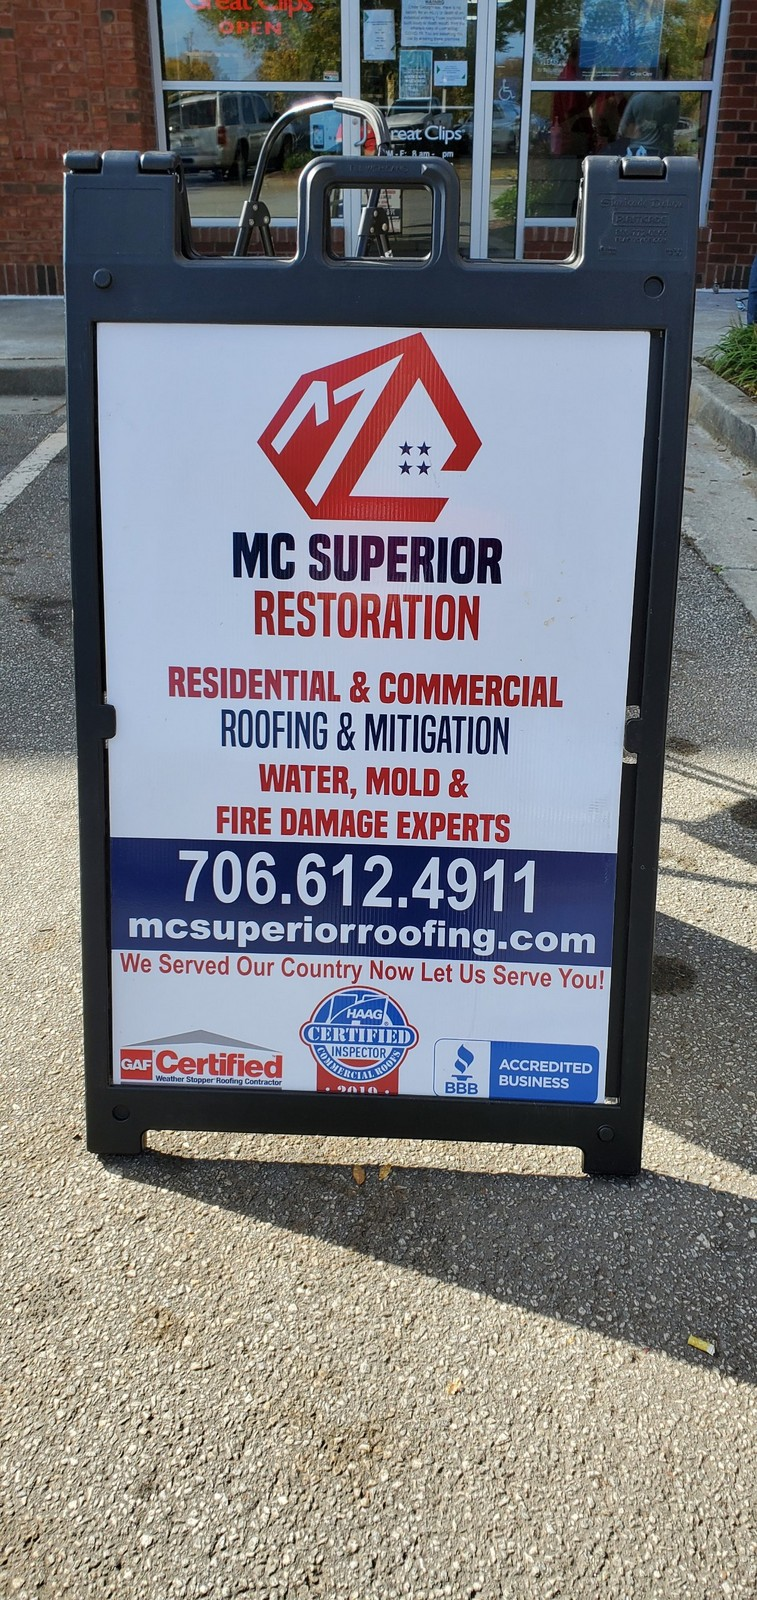 MC Superior Restoration